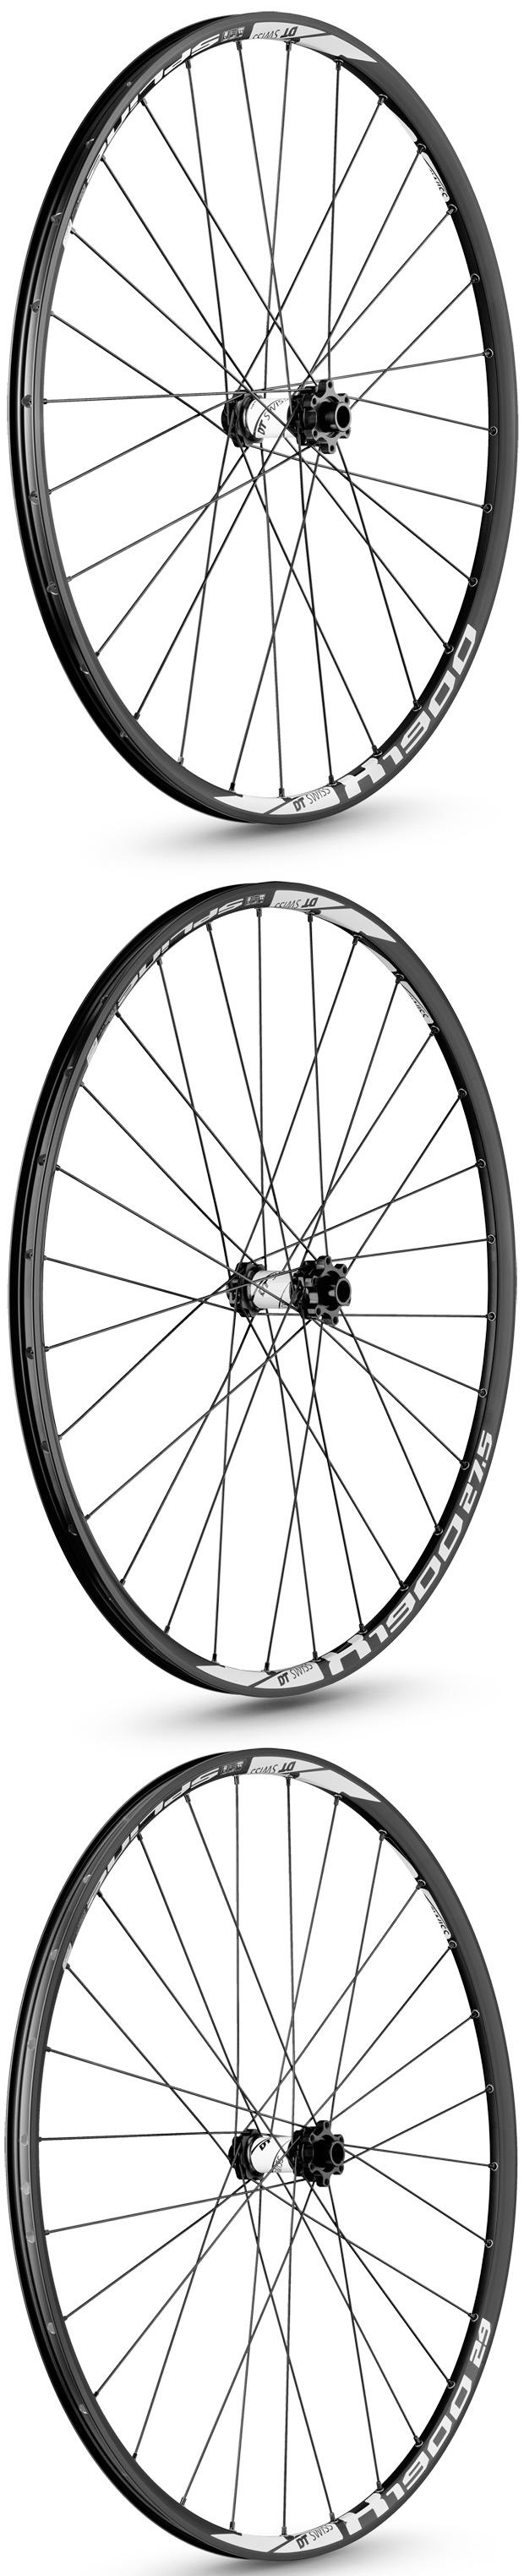 X 1900 Spline, las nuevas ruedas de entrada de gama de la firma DT Swiss